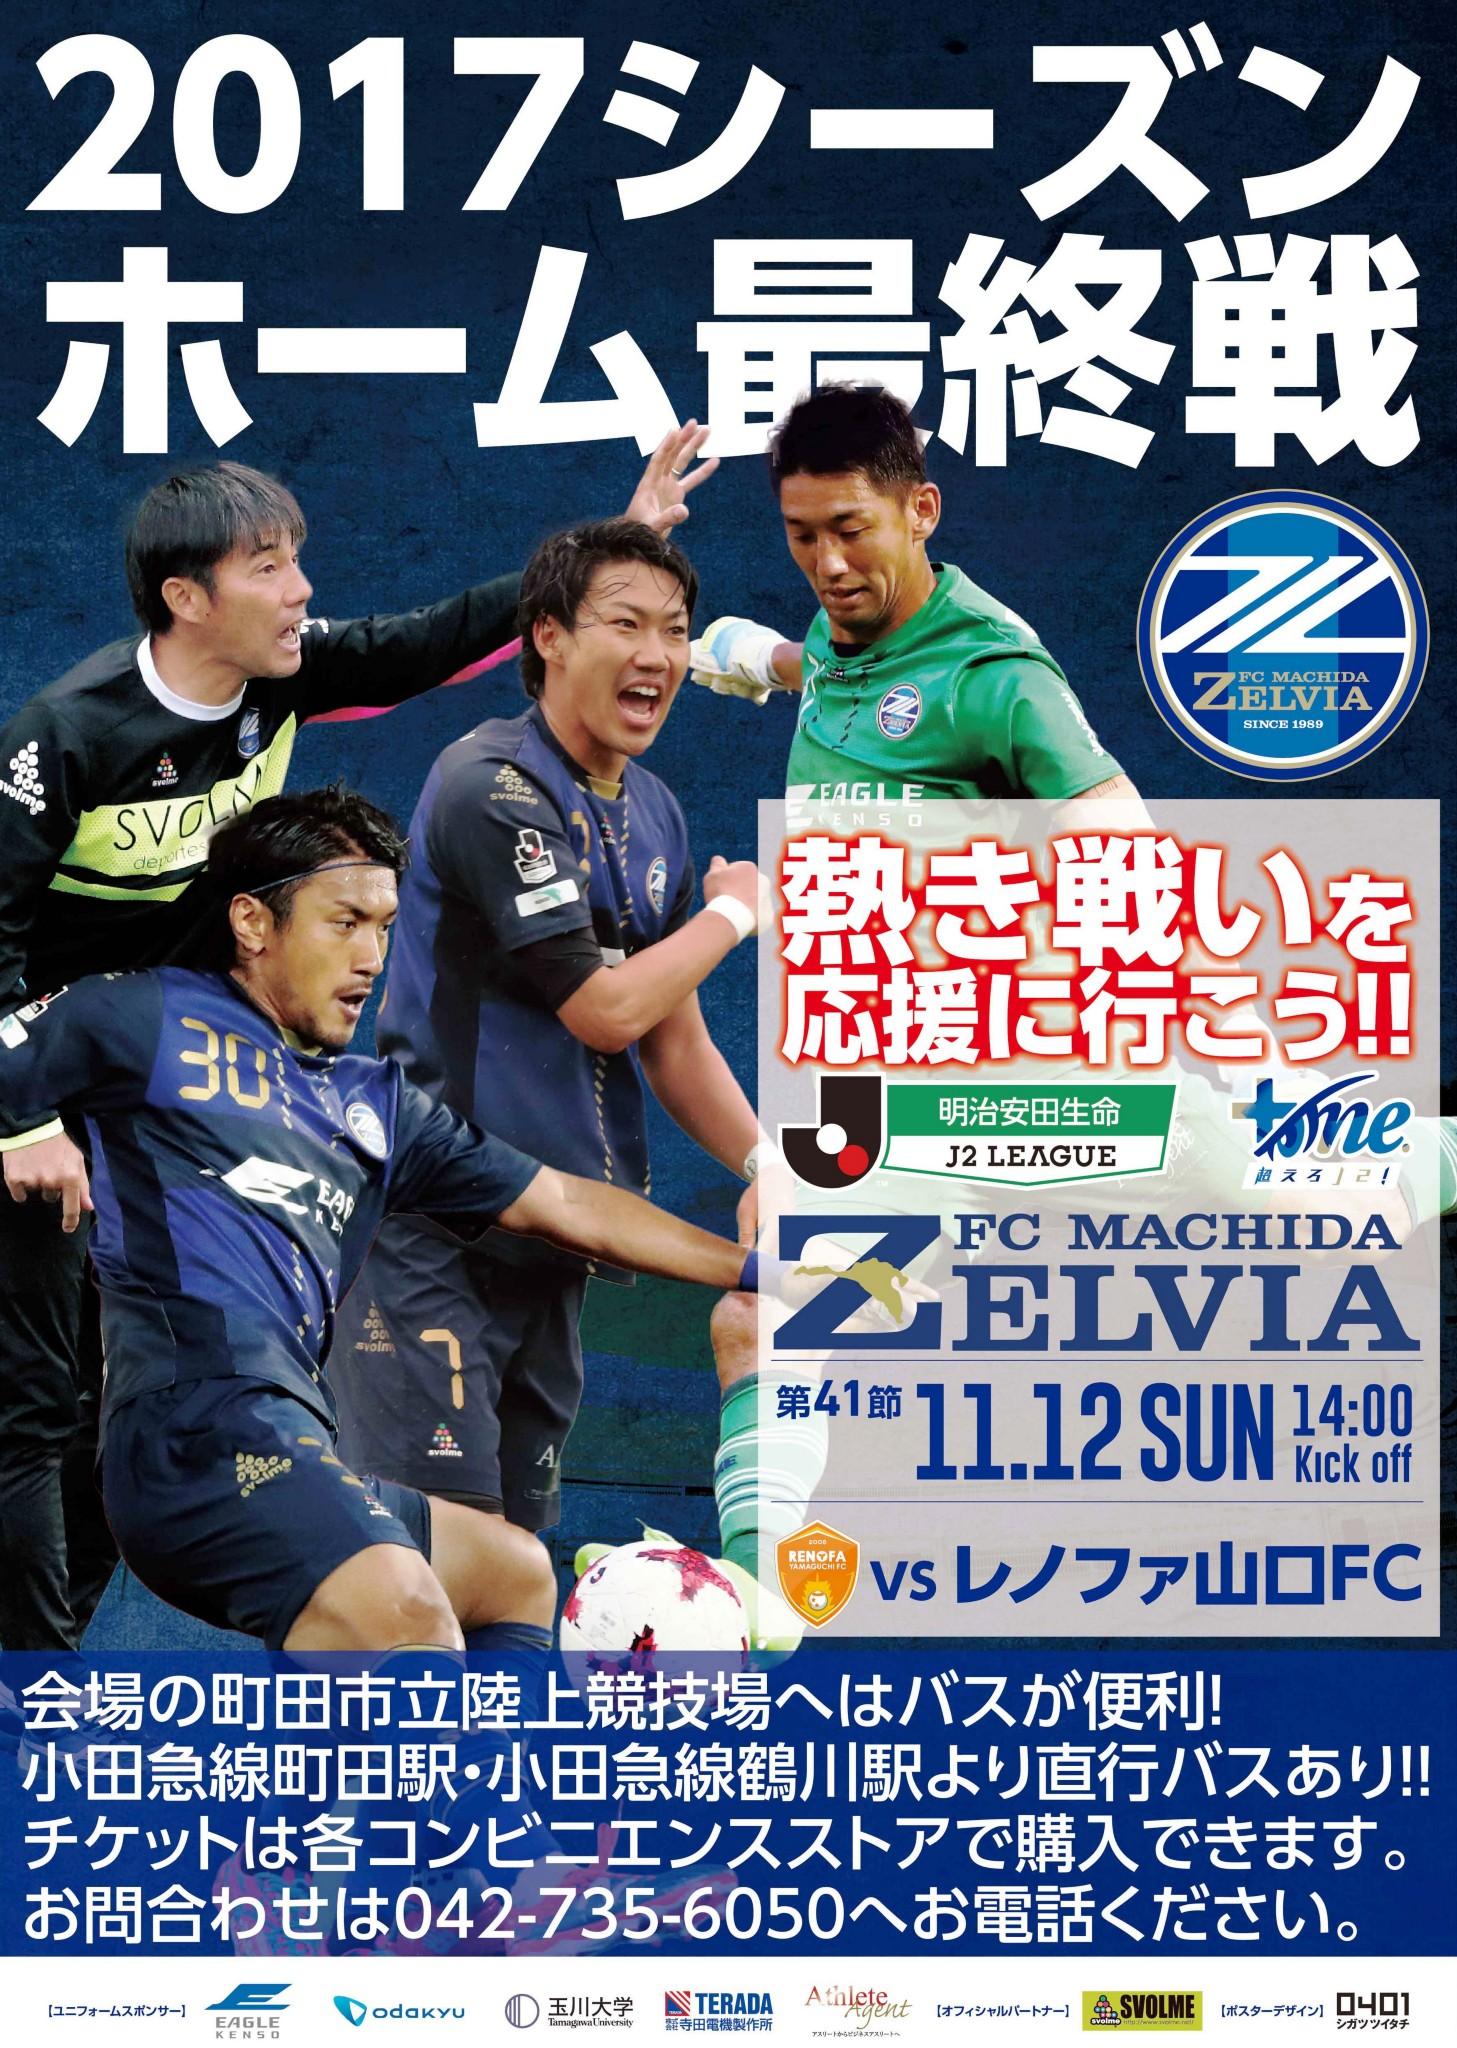 FC町田ゼルビア最終戦!